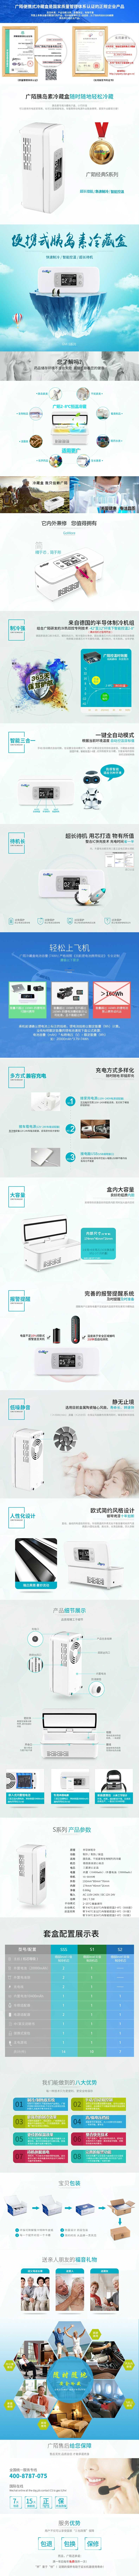 广陌便携式冷藏盒S系列